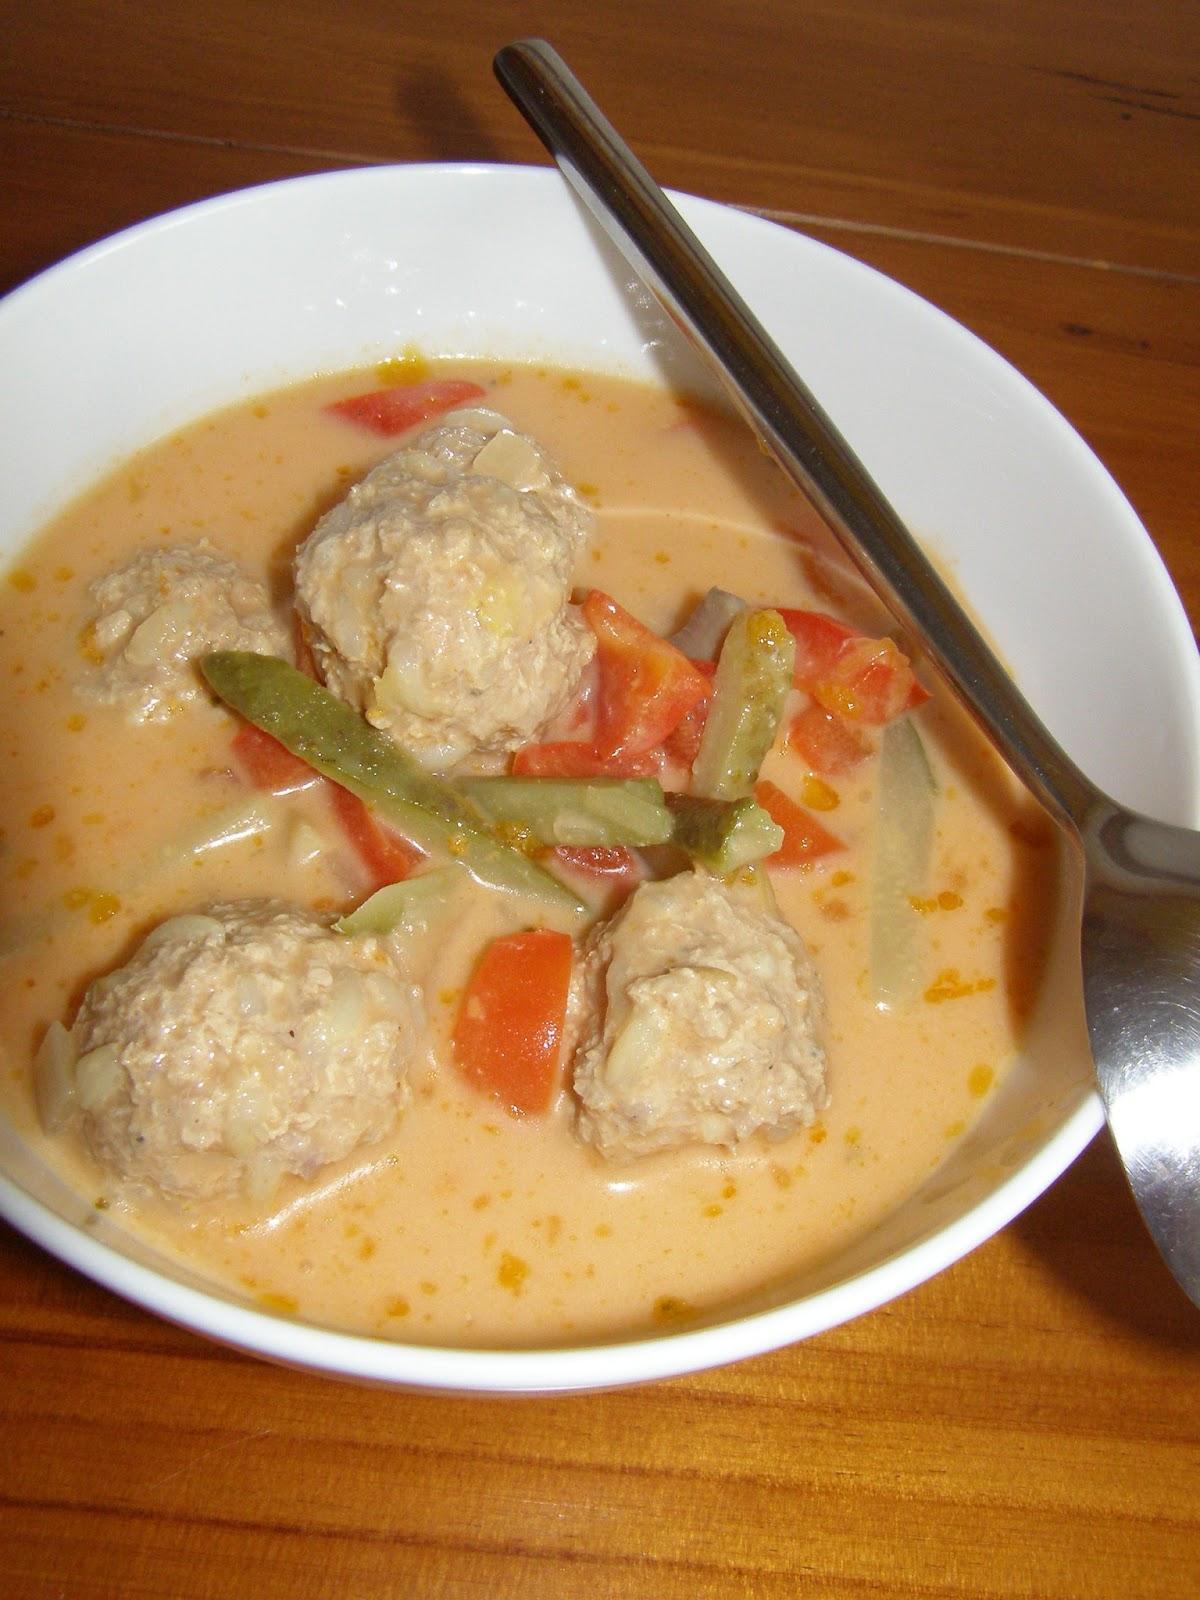 Agusiowe Gotowanie Pozywna Zupa Z Kuleczkami Z Mielonego Miesa